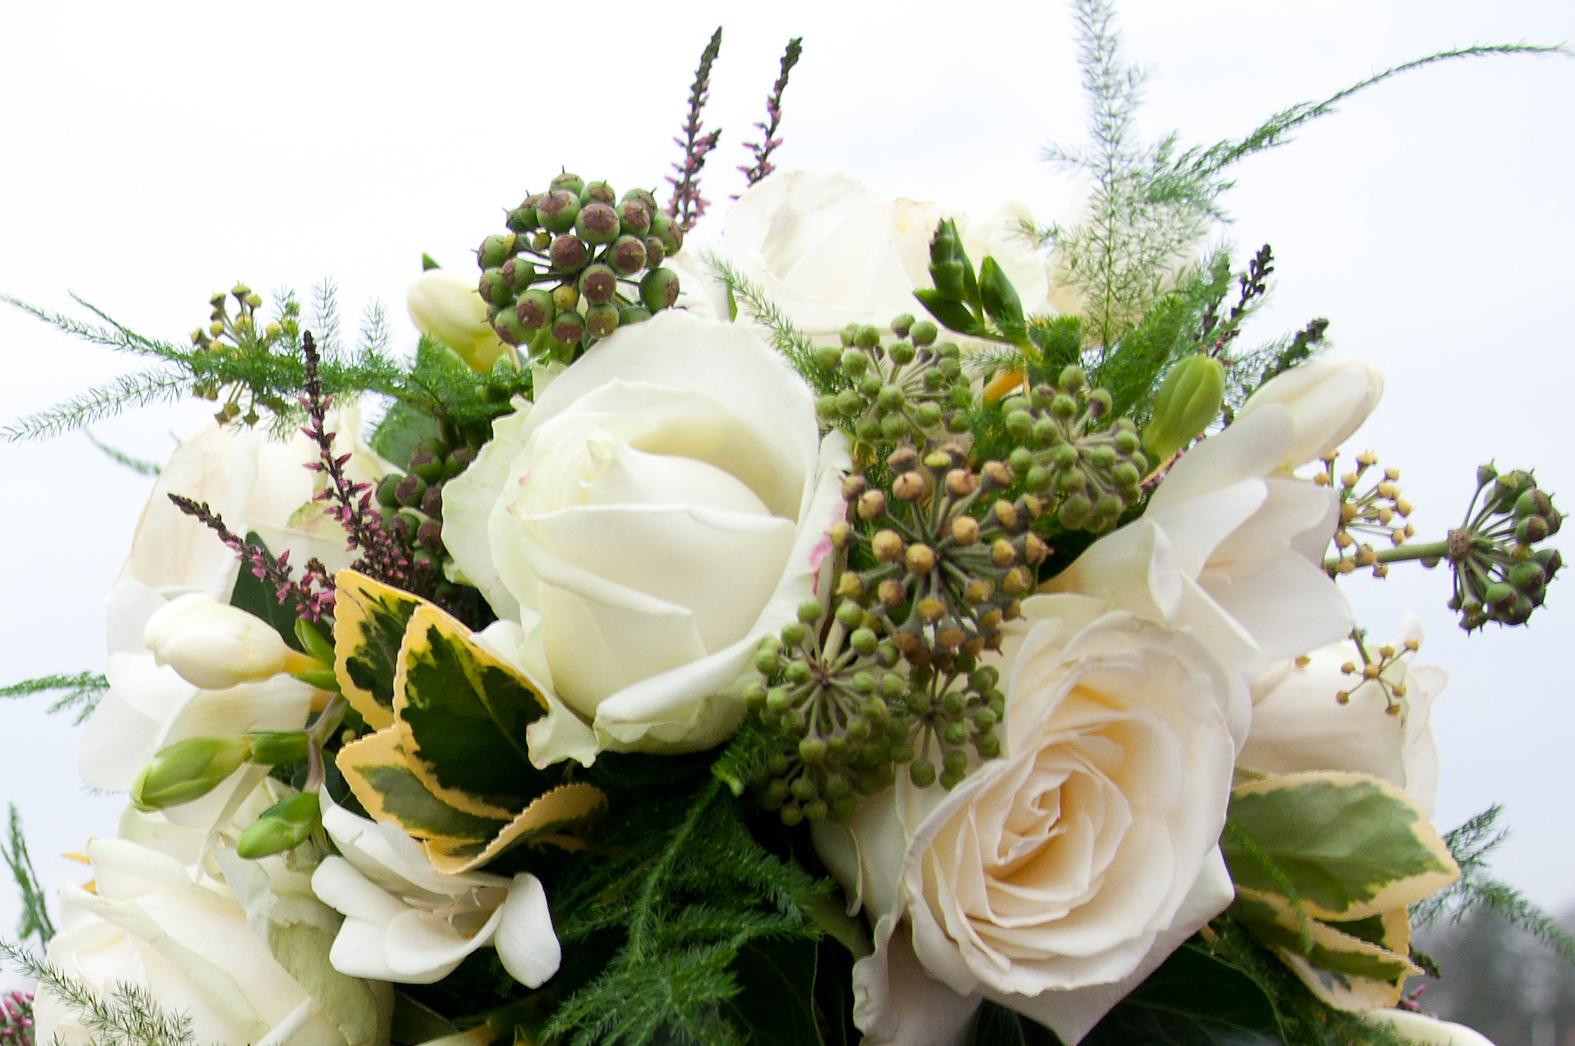 Flower Bouquet, Bouquet, Flower, Flowers, Love, HQ Photo